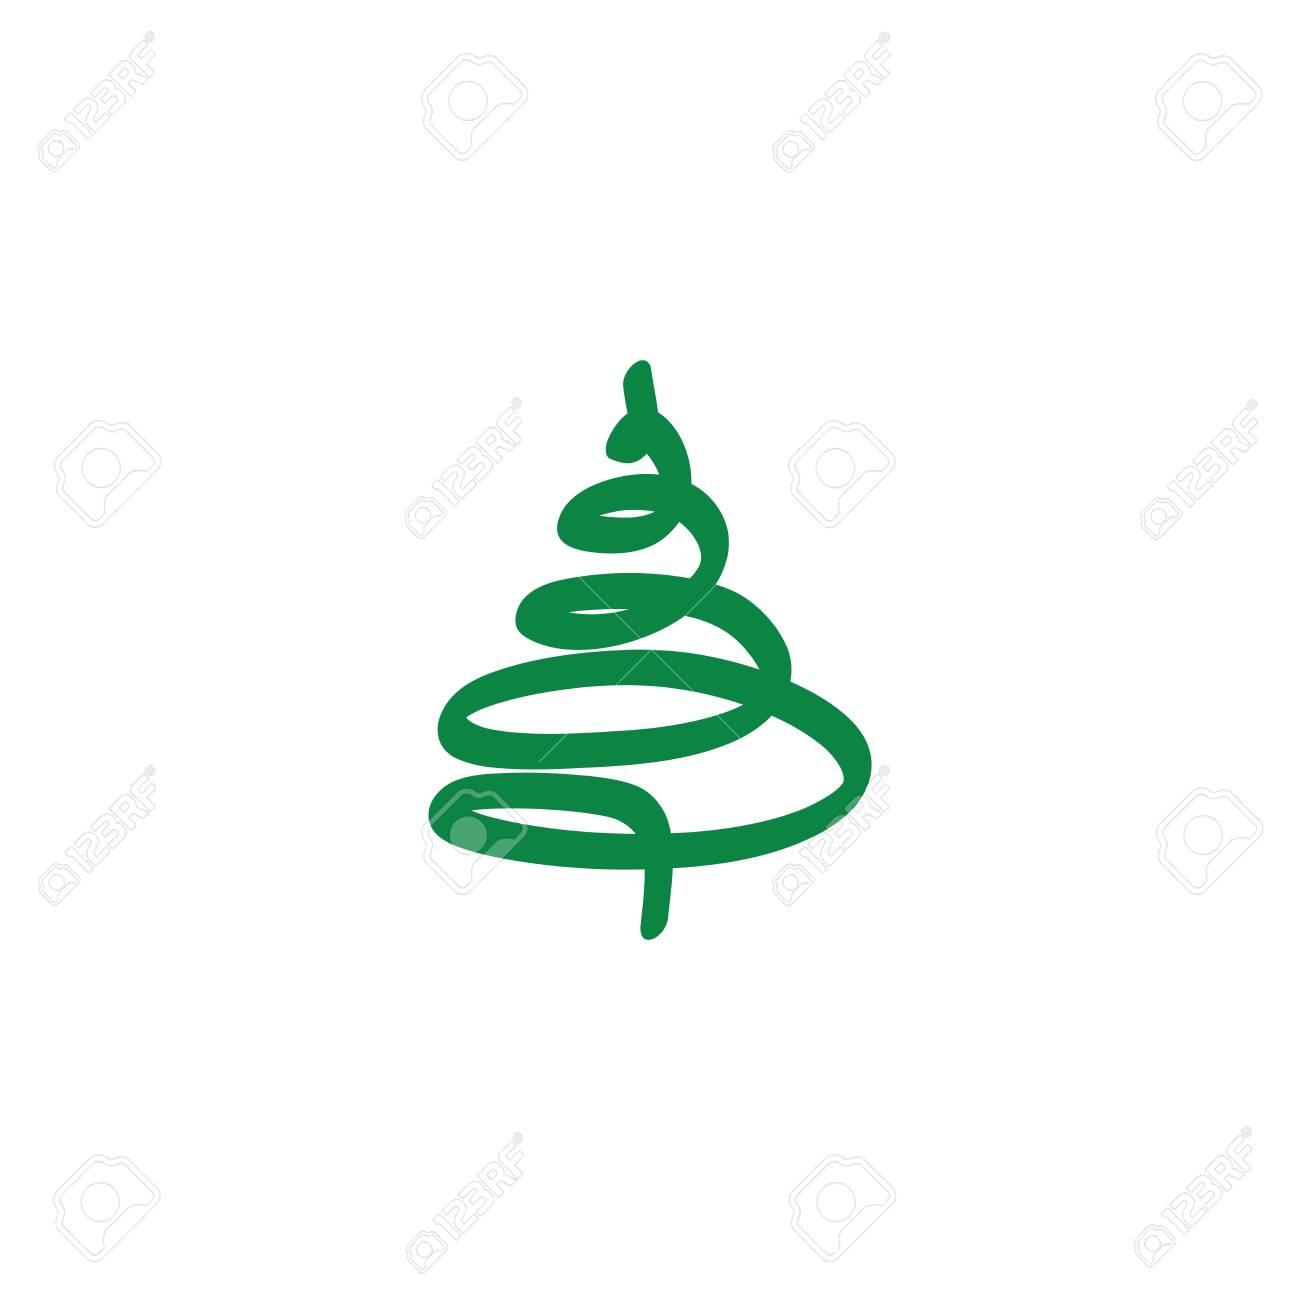 Albero Di Natale Disegno.Segno Di Albero Di Natale Abbozzo Di Verde Di Disegno Della Siluetta Su Priorita Bassa Bianca Simbolo Dell Inverno Delle Decorazioni E Delle